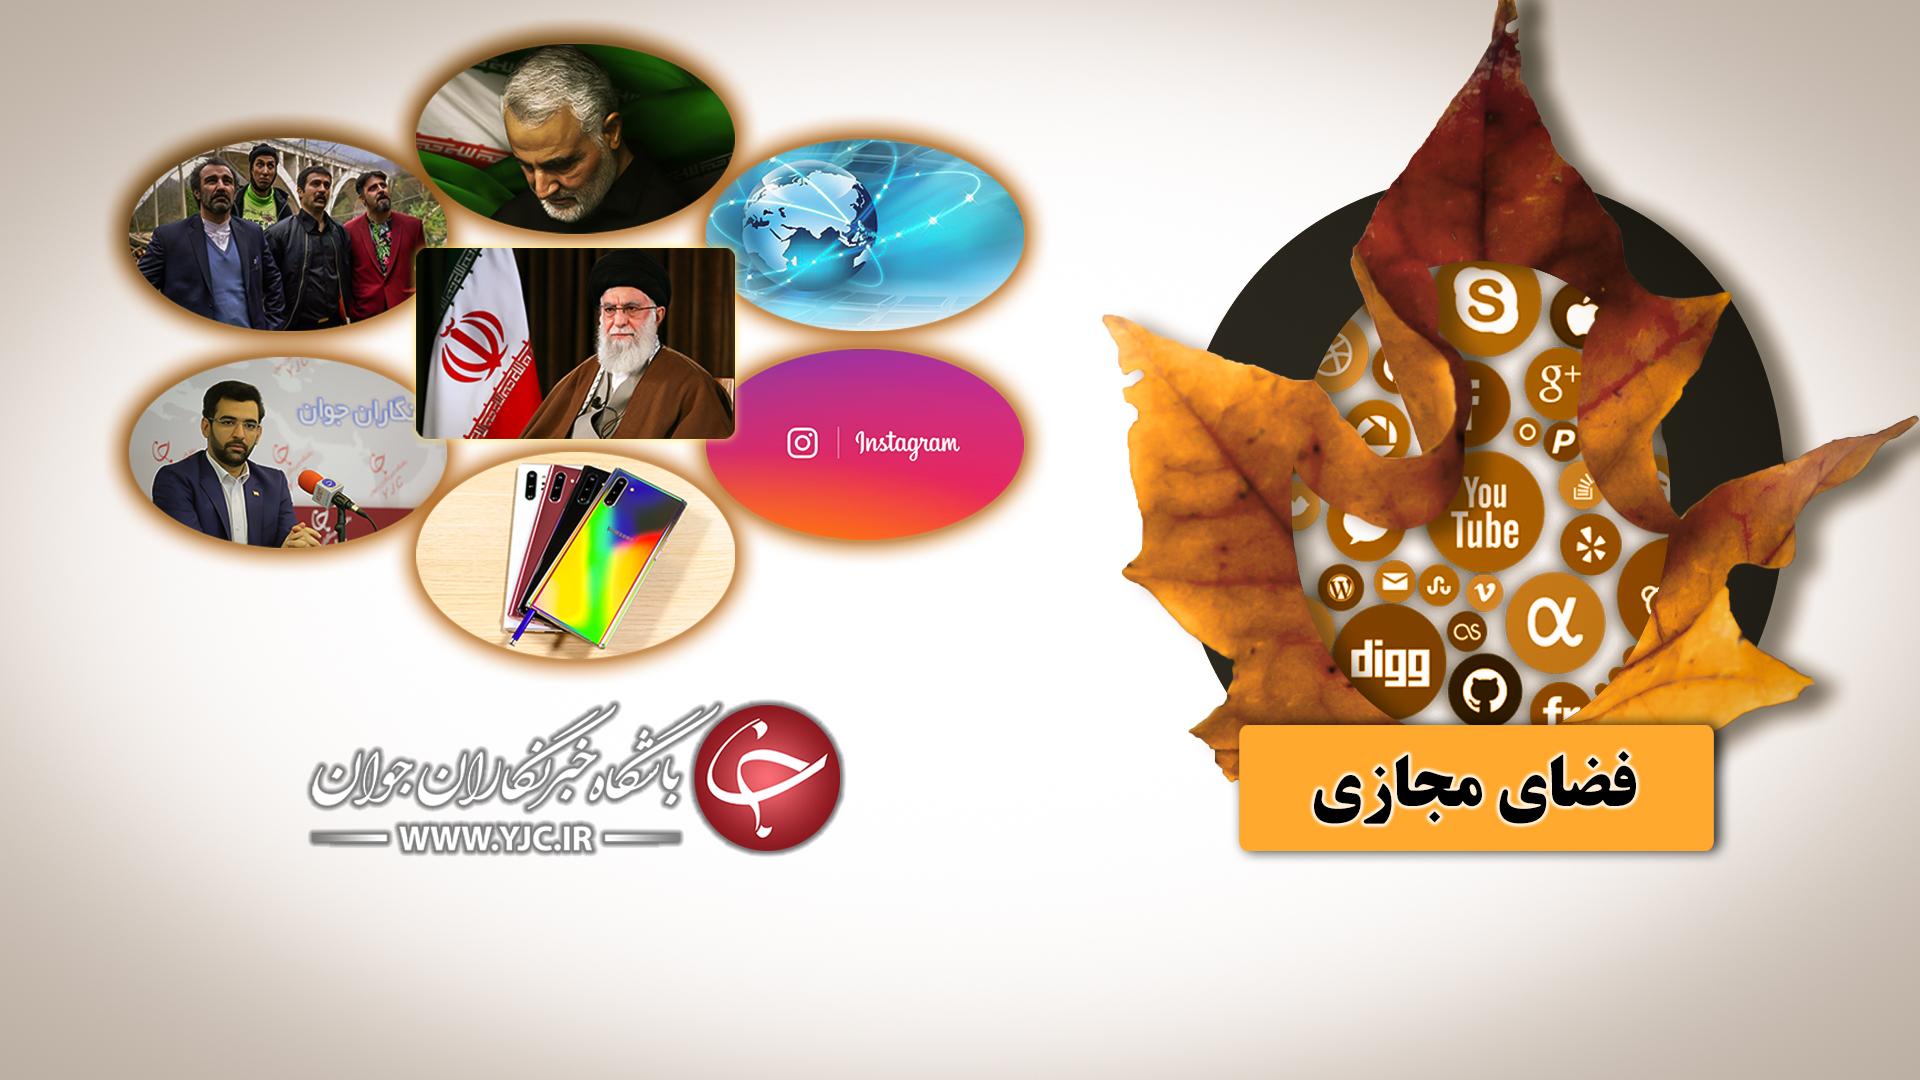 جدیدترین قیمت گوشی موبایل در بازار ایران/ عروس زخمی خاورمیانه! / واکنشهای چهرههای برجسته ایرانی به انفجار مهیب بیروت